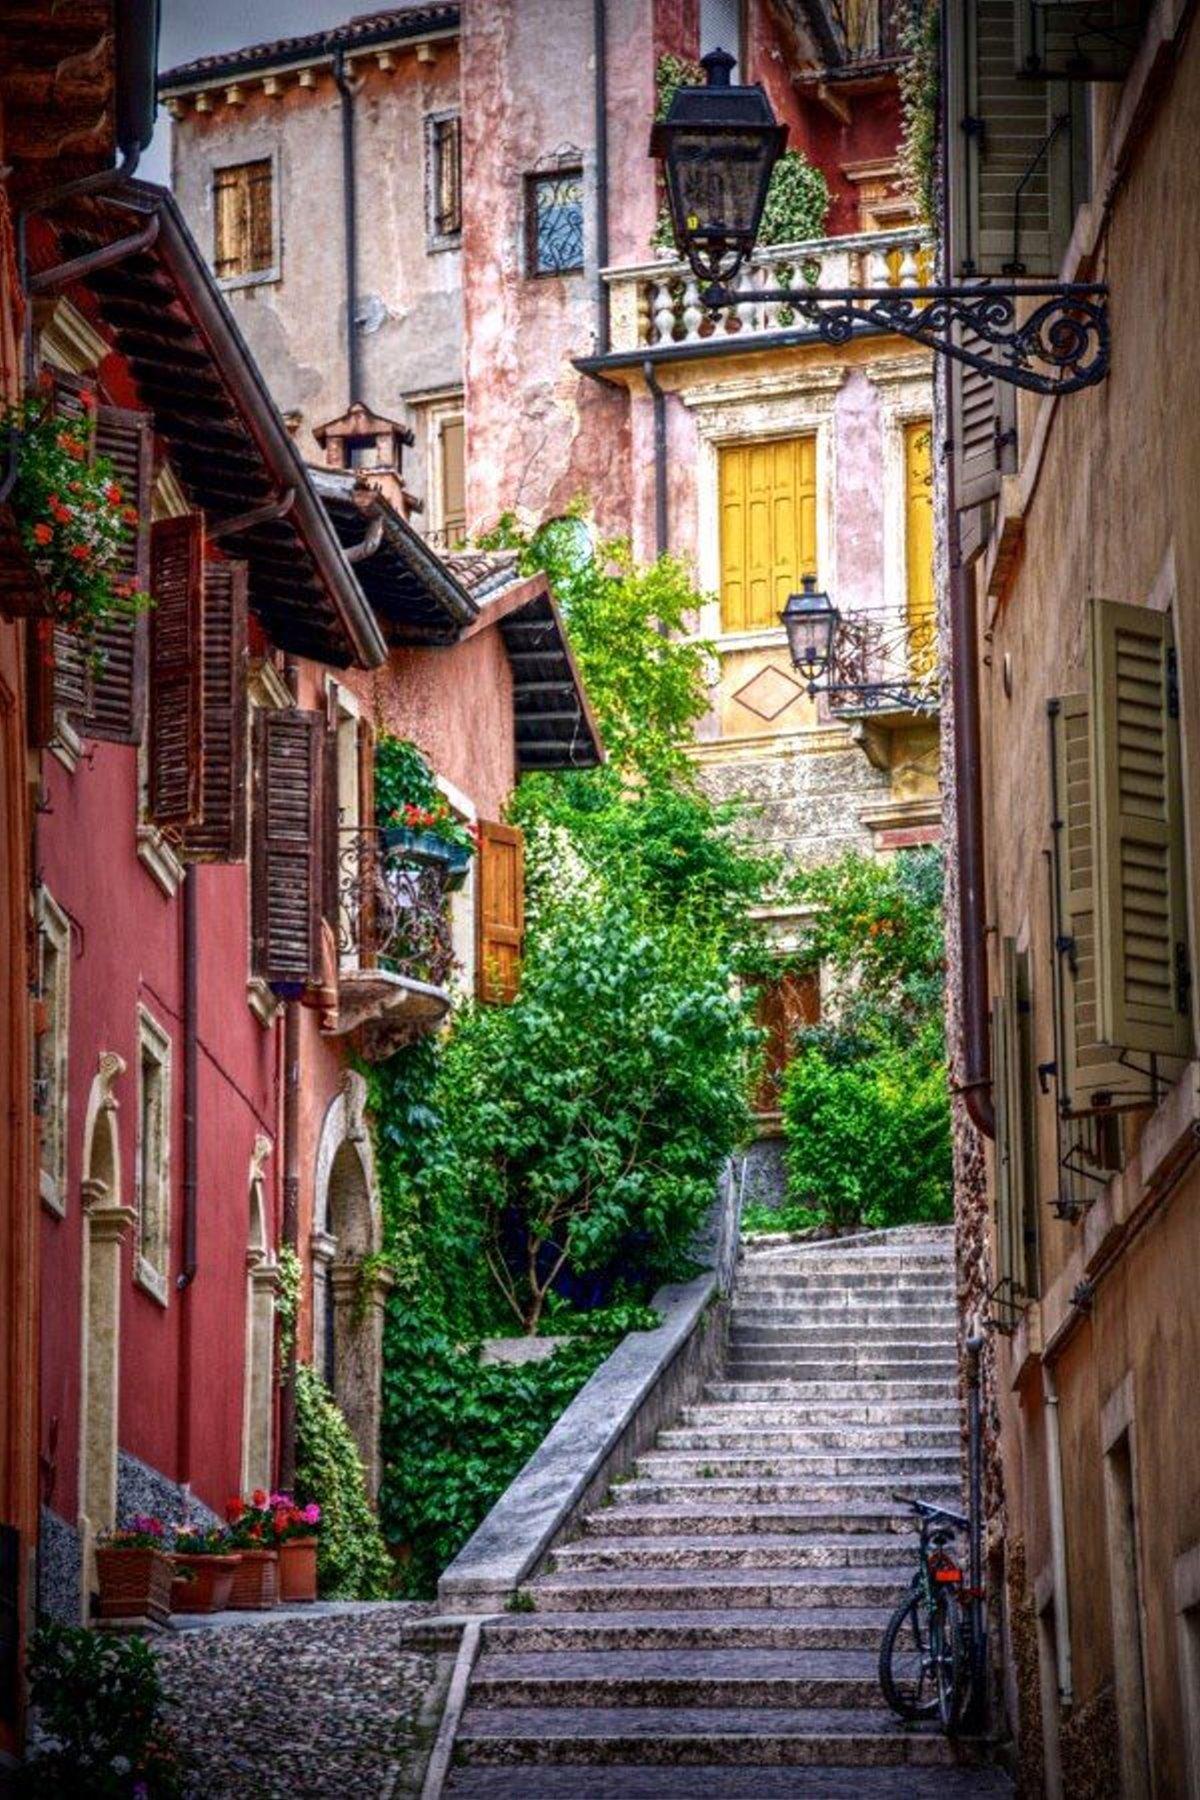 όμορφο σοκάκι στη Βερόνα